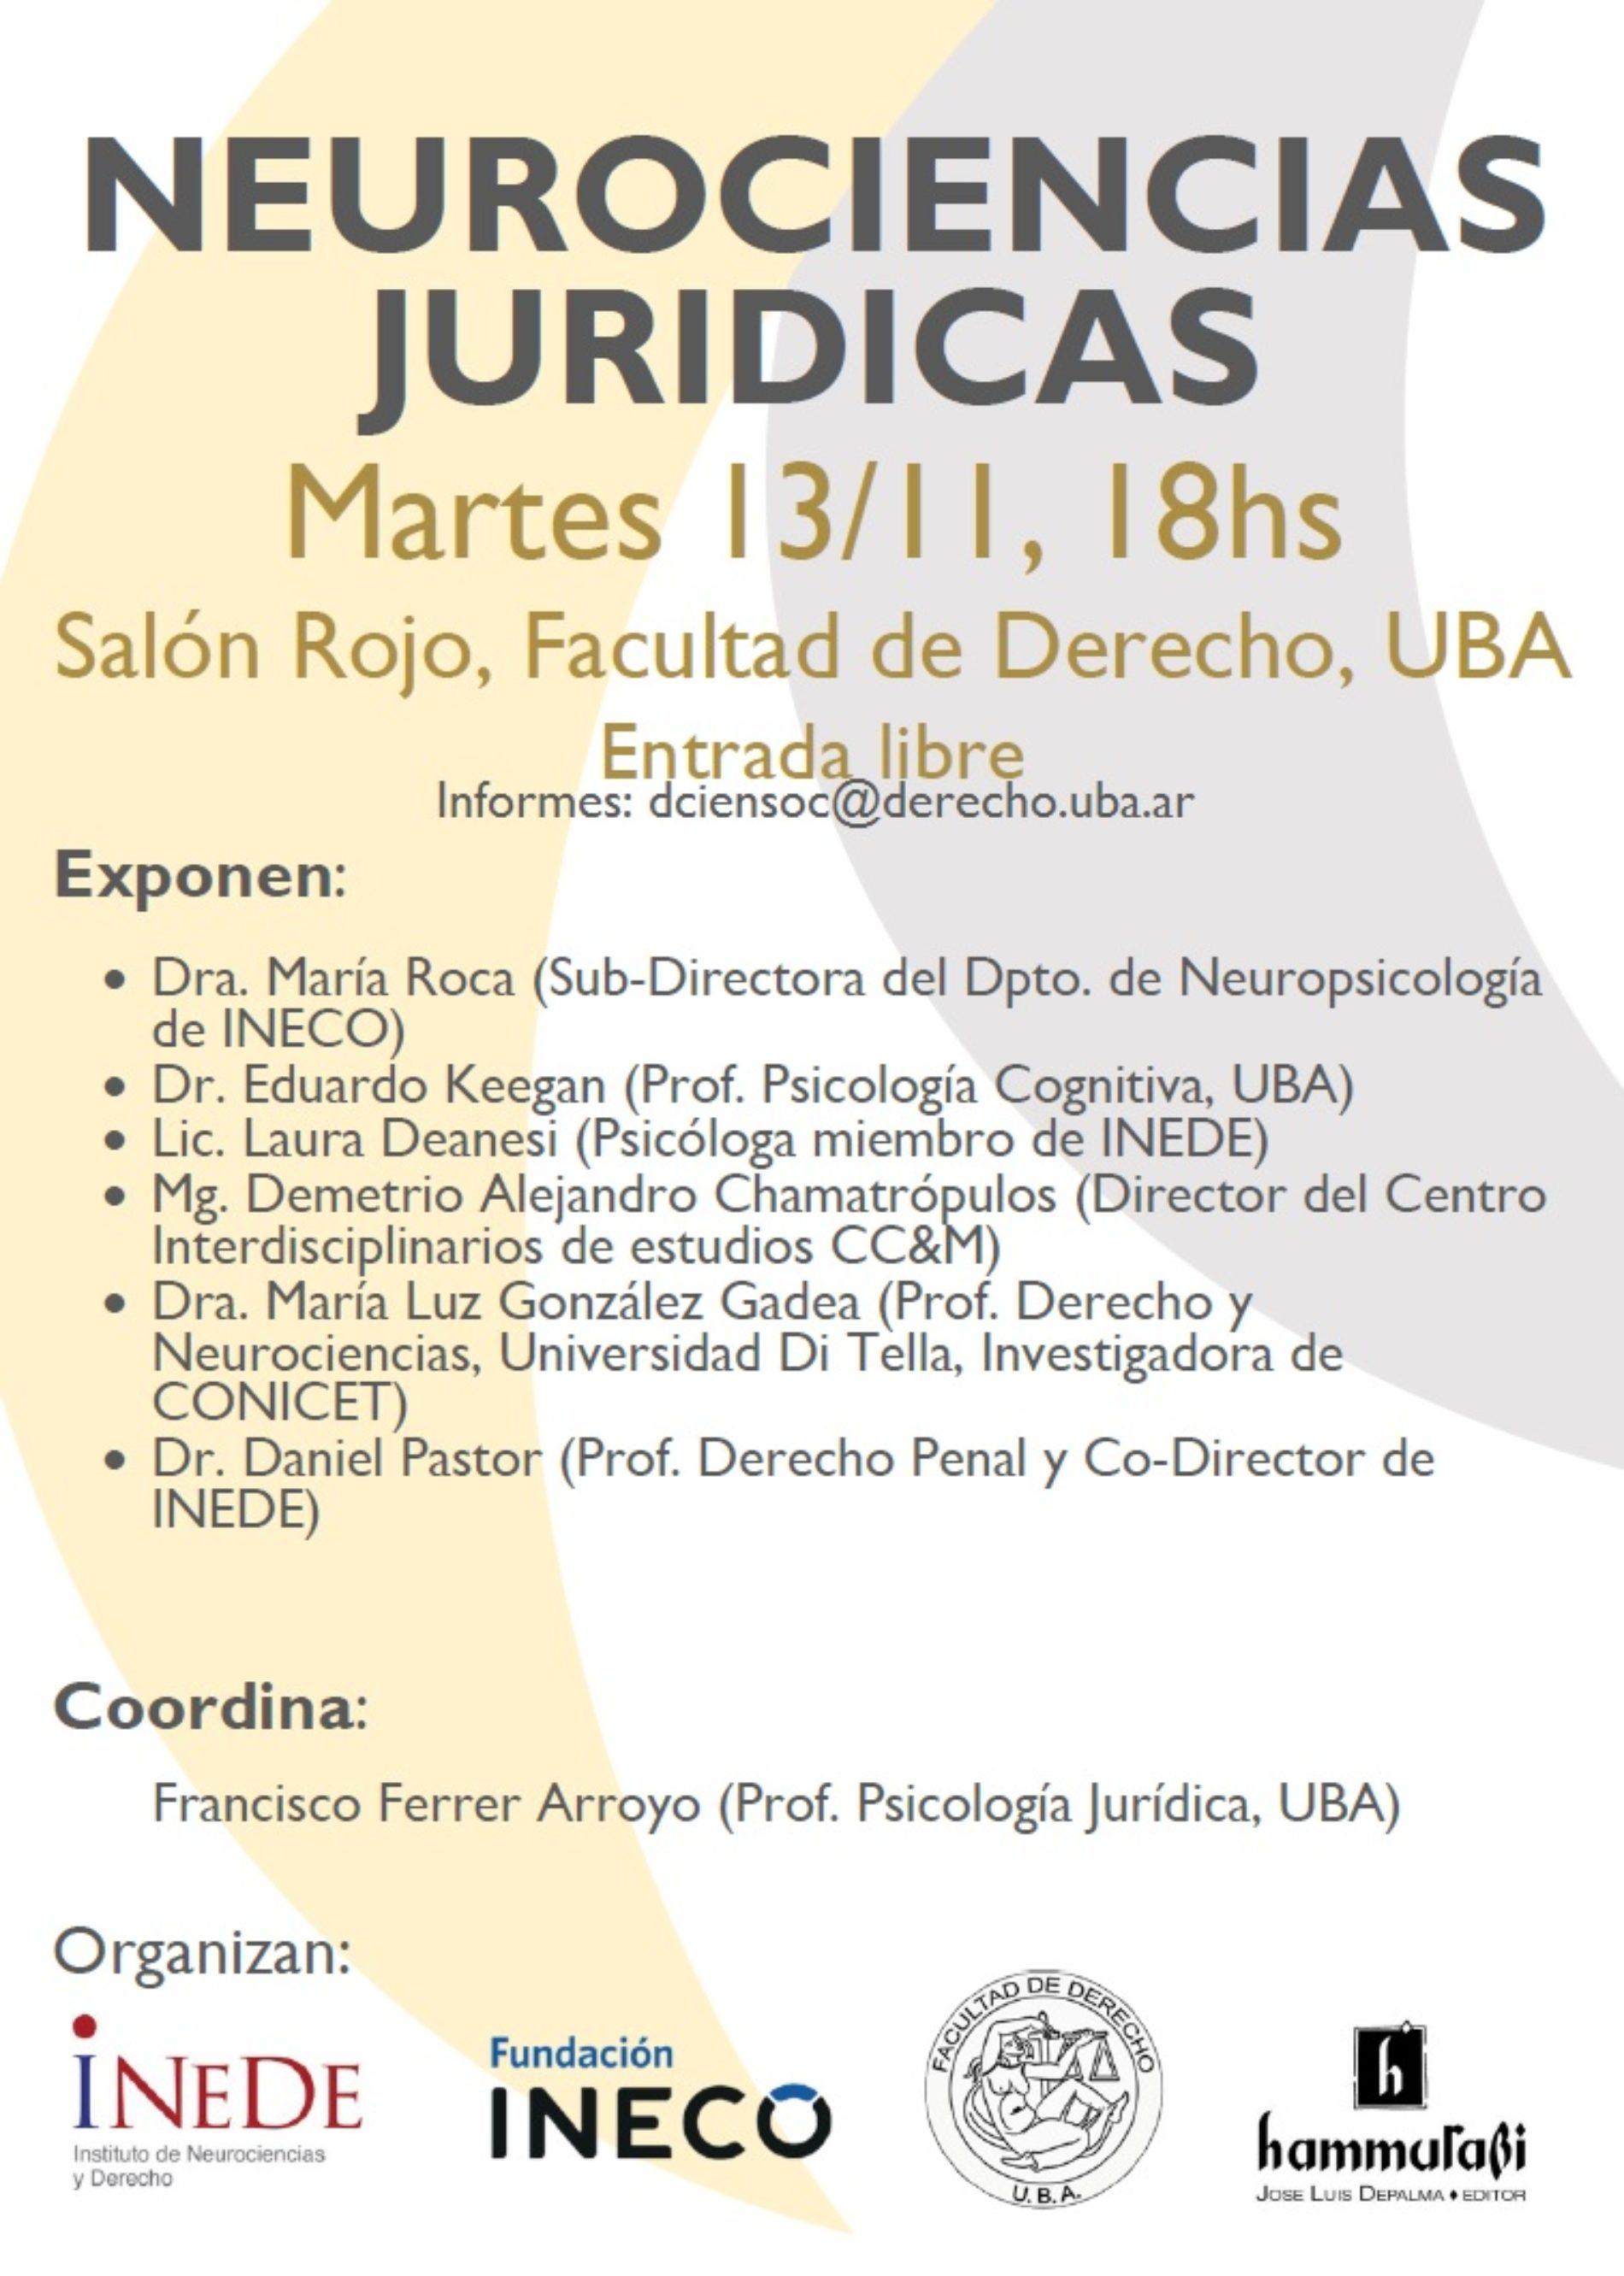 «Neurociencias Jurídicas en la UBA»